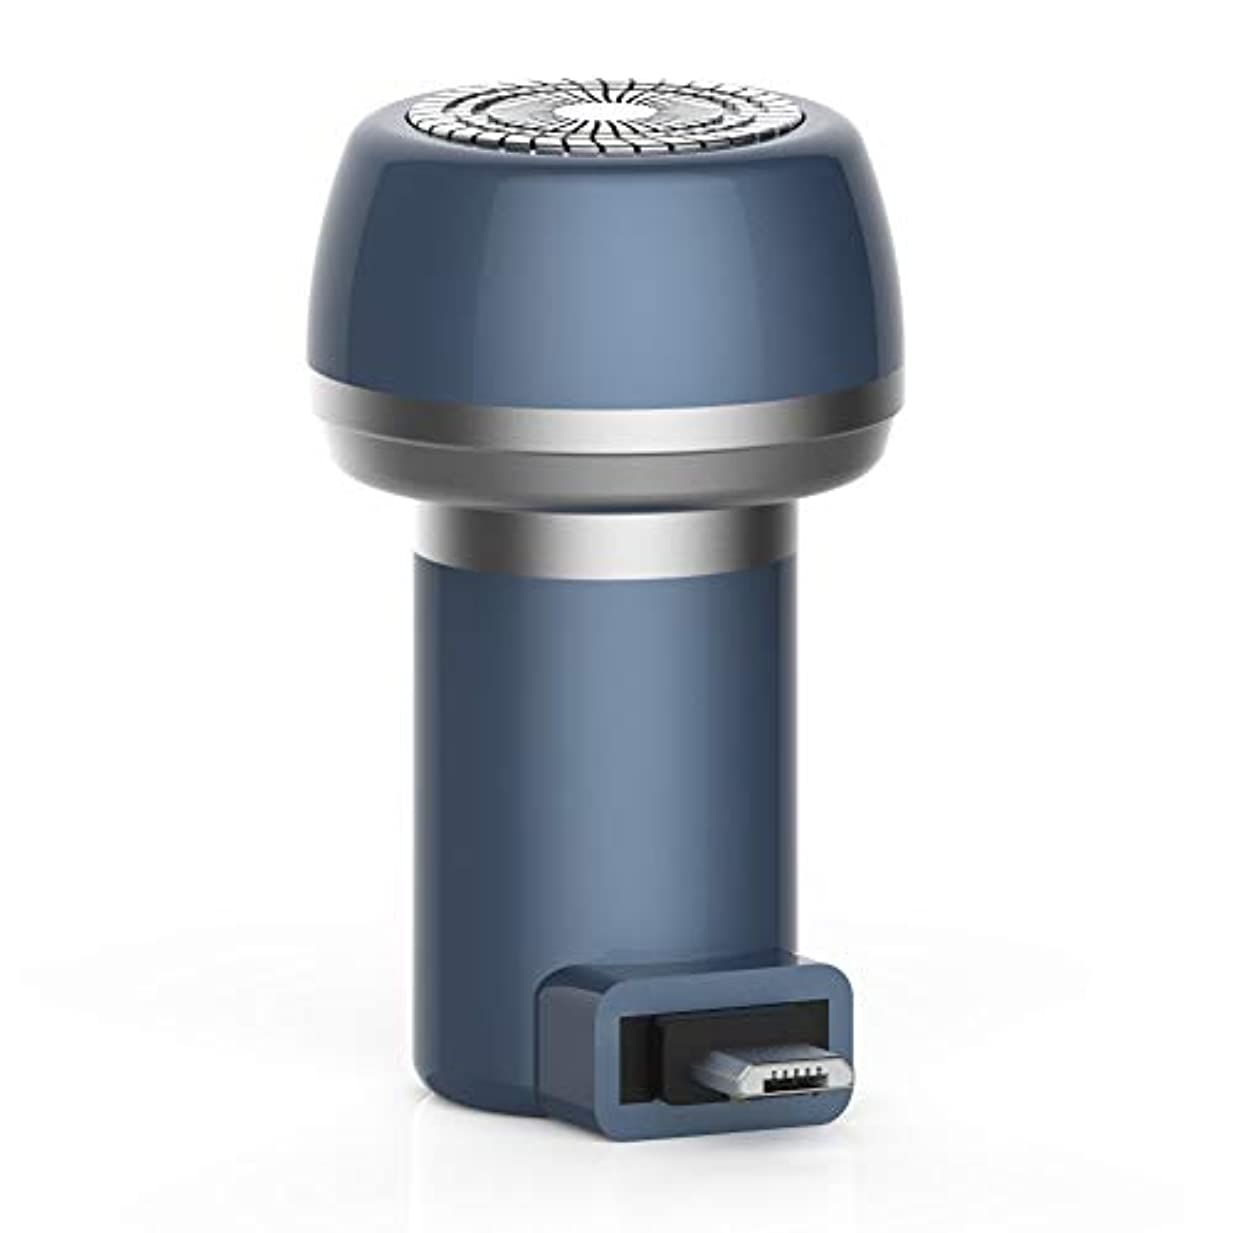 大きなスケールで見るとパノラマ町Aylincool 2 1磁気電気シェーバーミニポータブルType-C USB防水剃刀